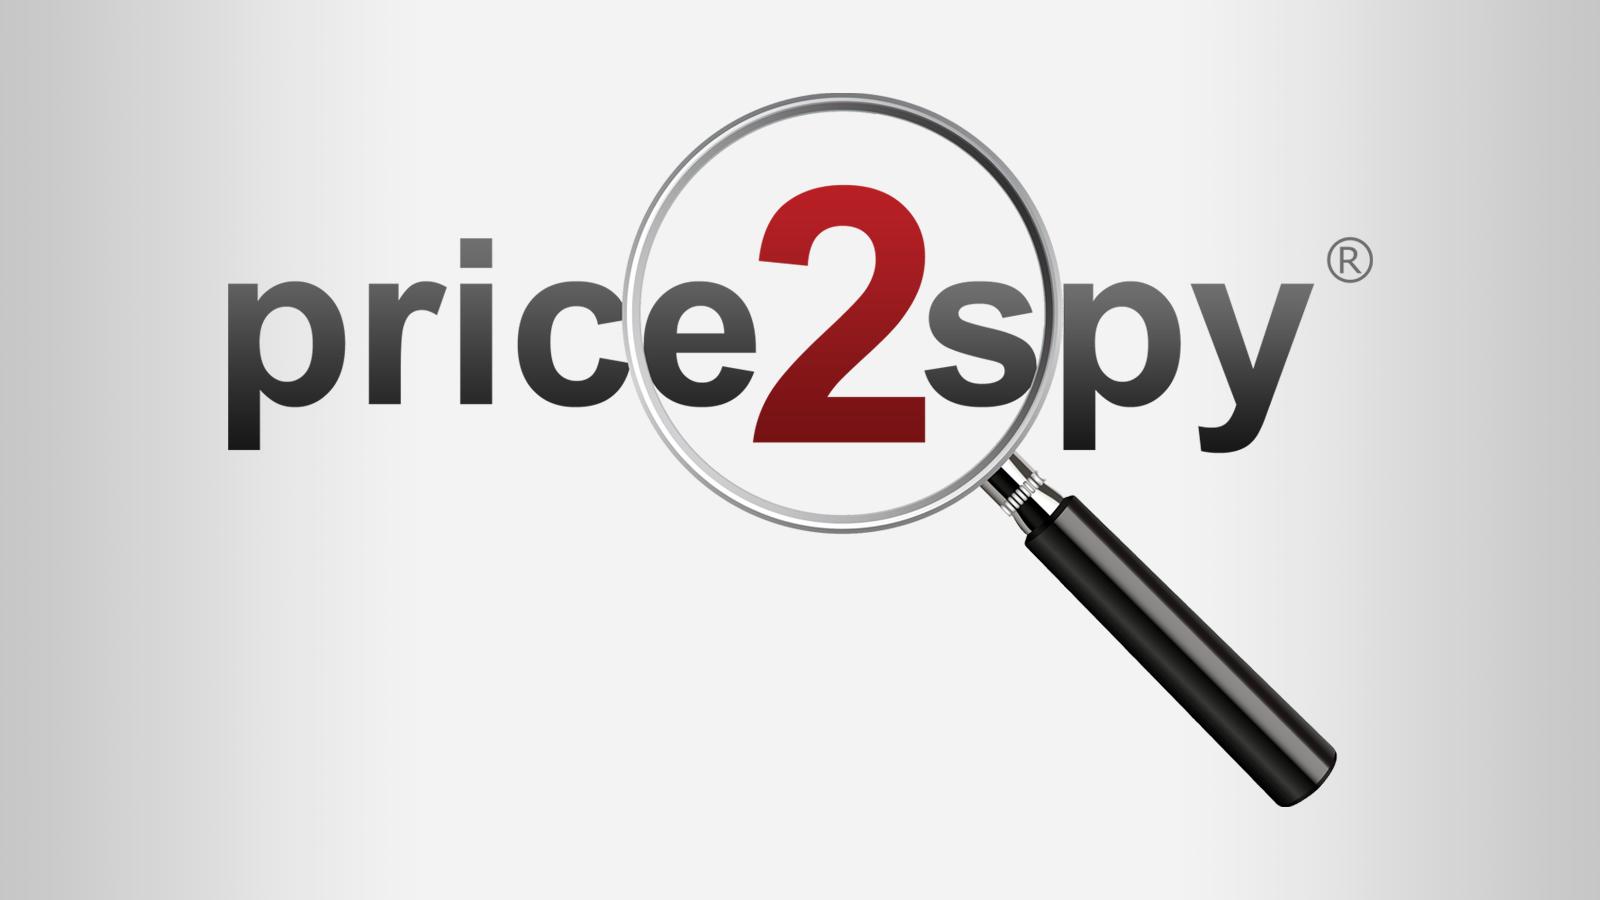 Price2Spy's logo